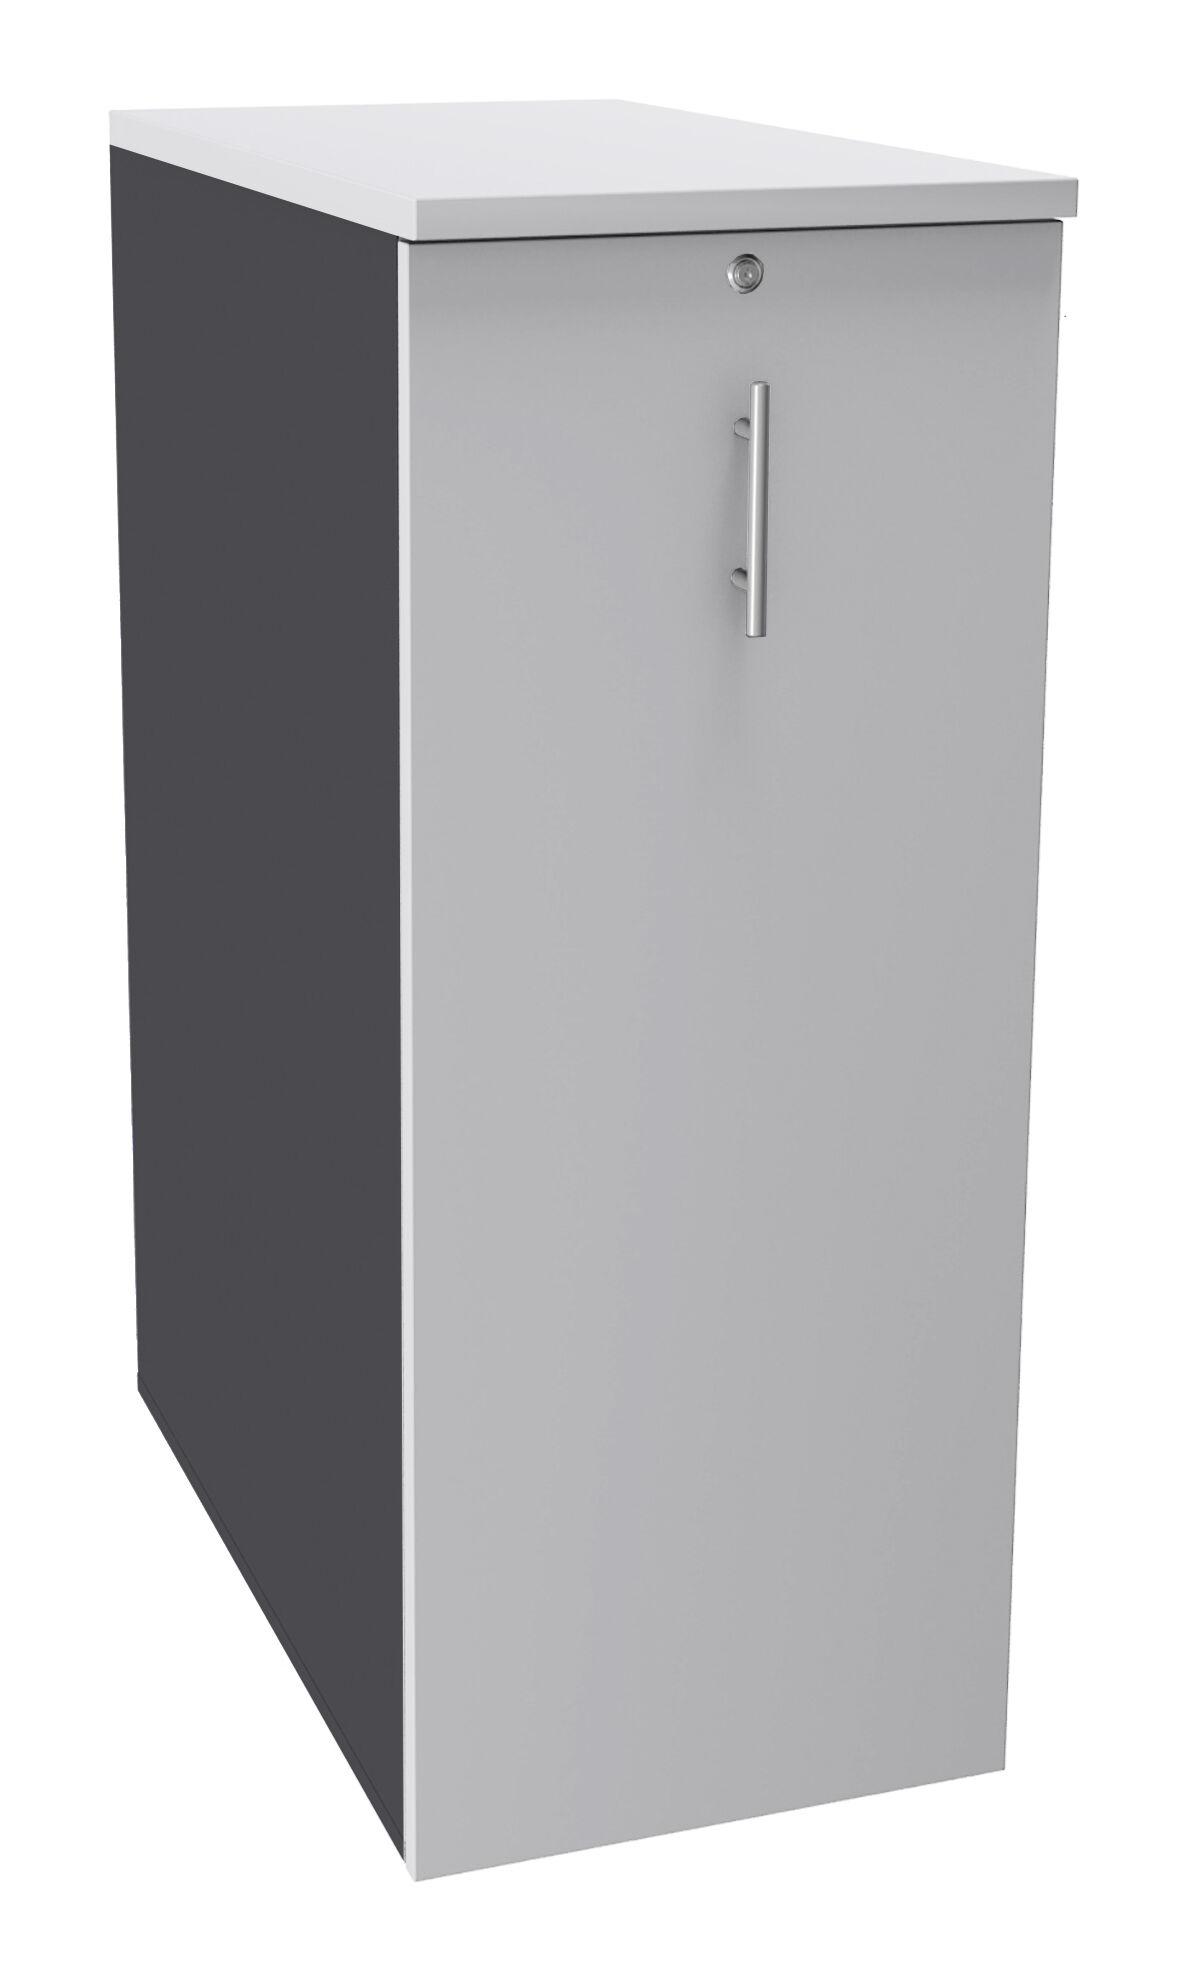 Caisson TOWER - L44 x H114 x P80 cm - 3 tablettes + 1 support DS réglable - structure anthracite - dessus et façade blanc perle